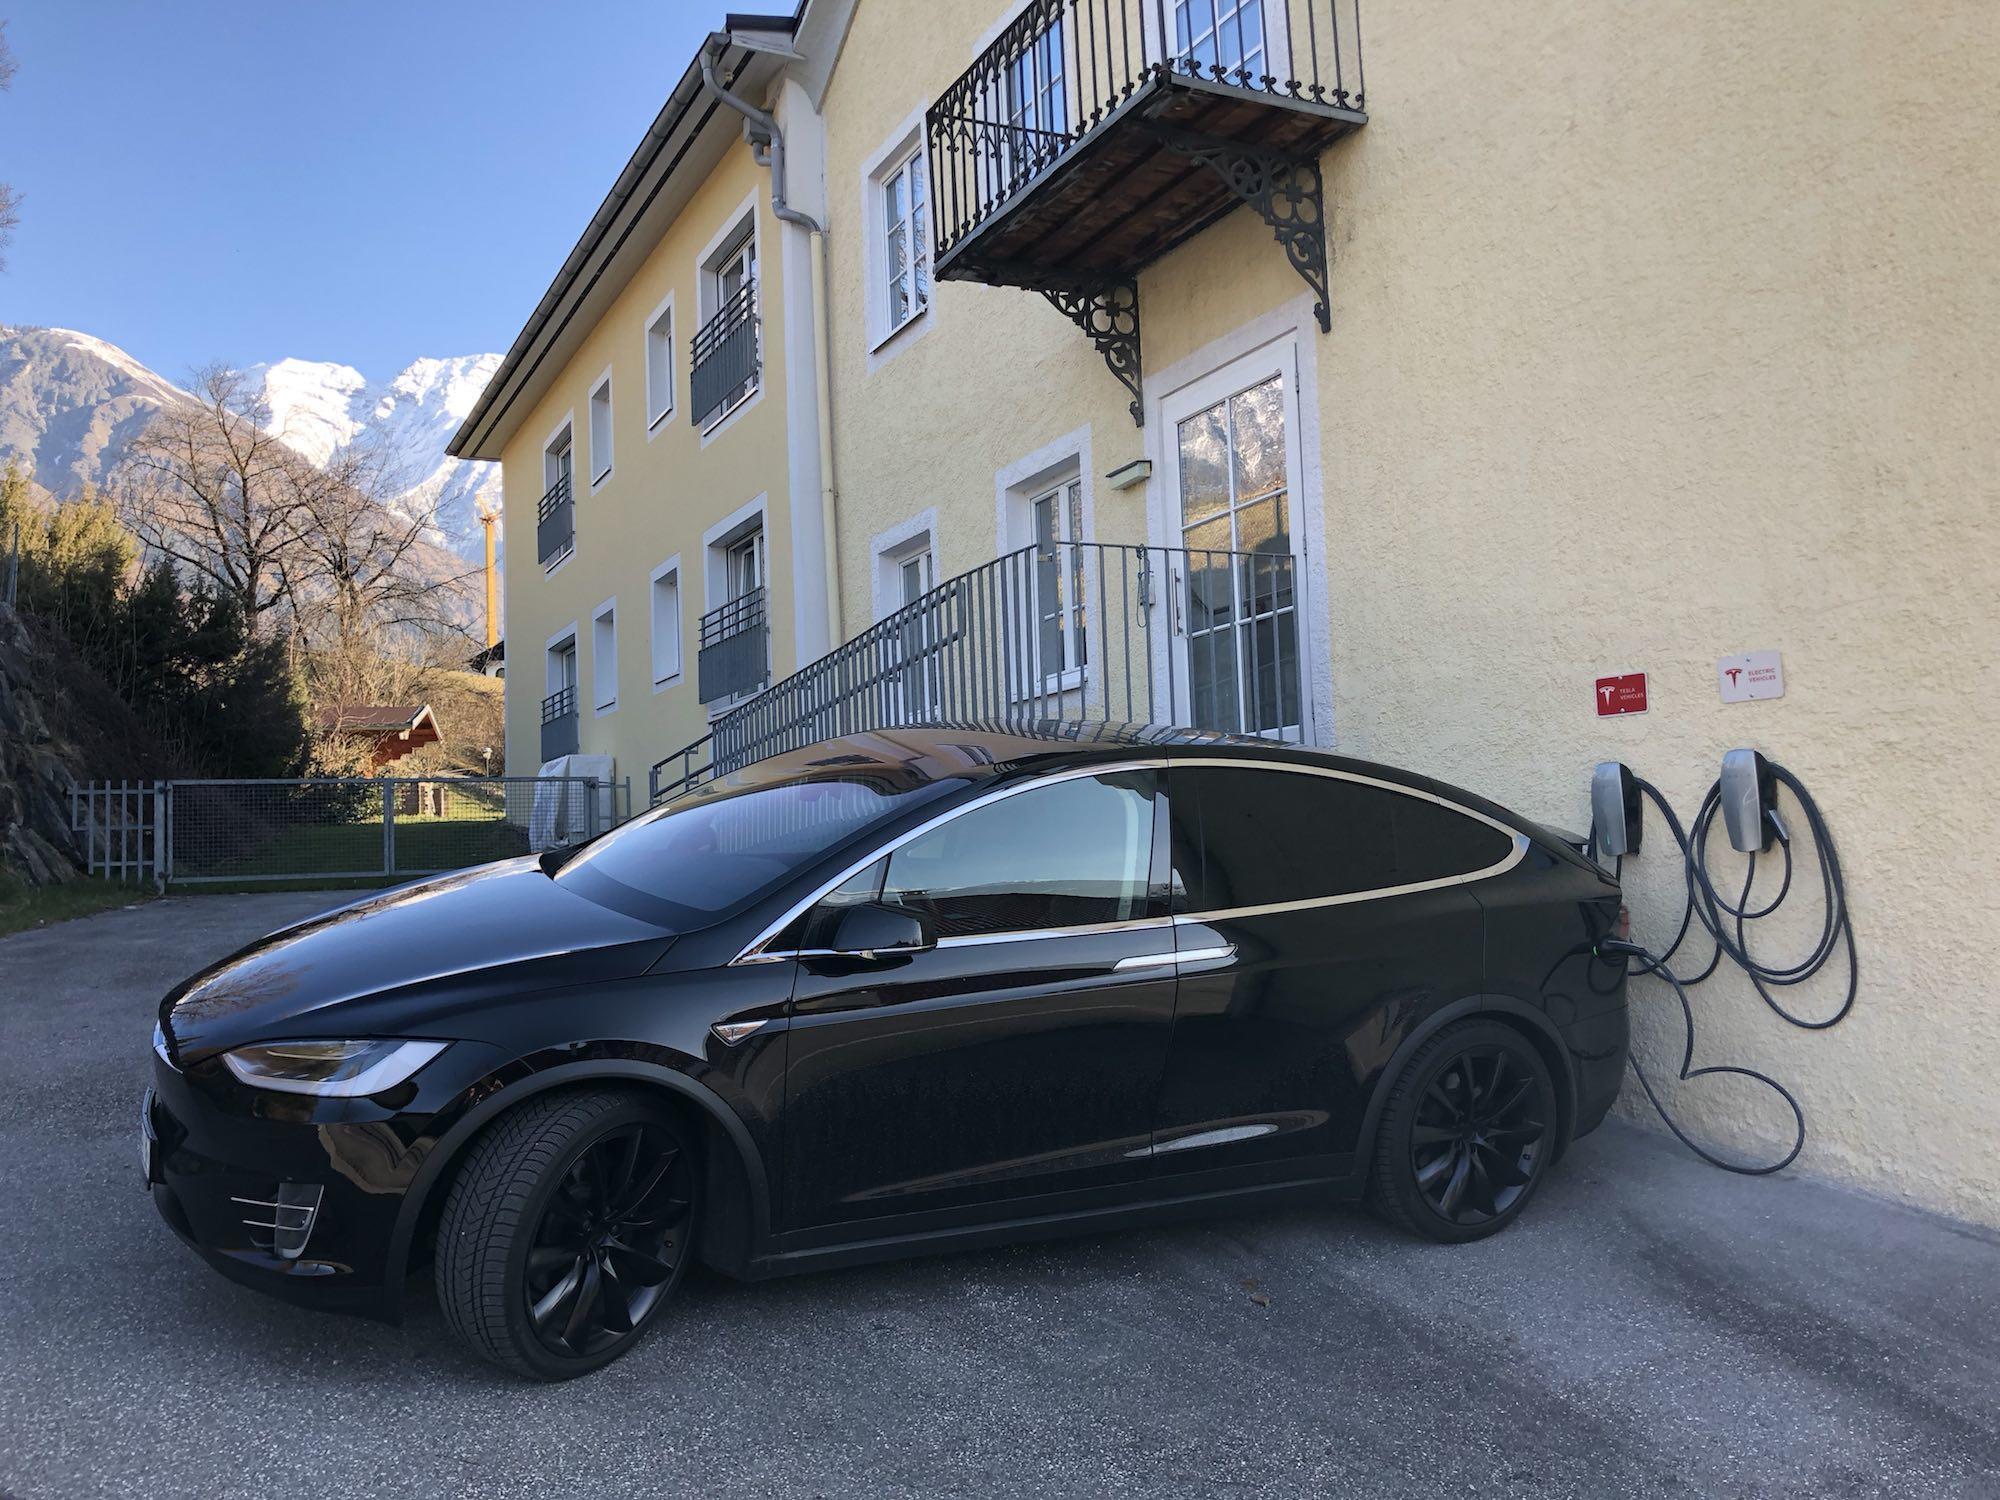 Ladestation Typ2 Tesla im Austria Classic Hotel Heiligkreuz in Hall bei Innsbruck